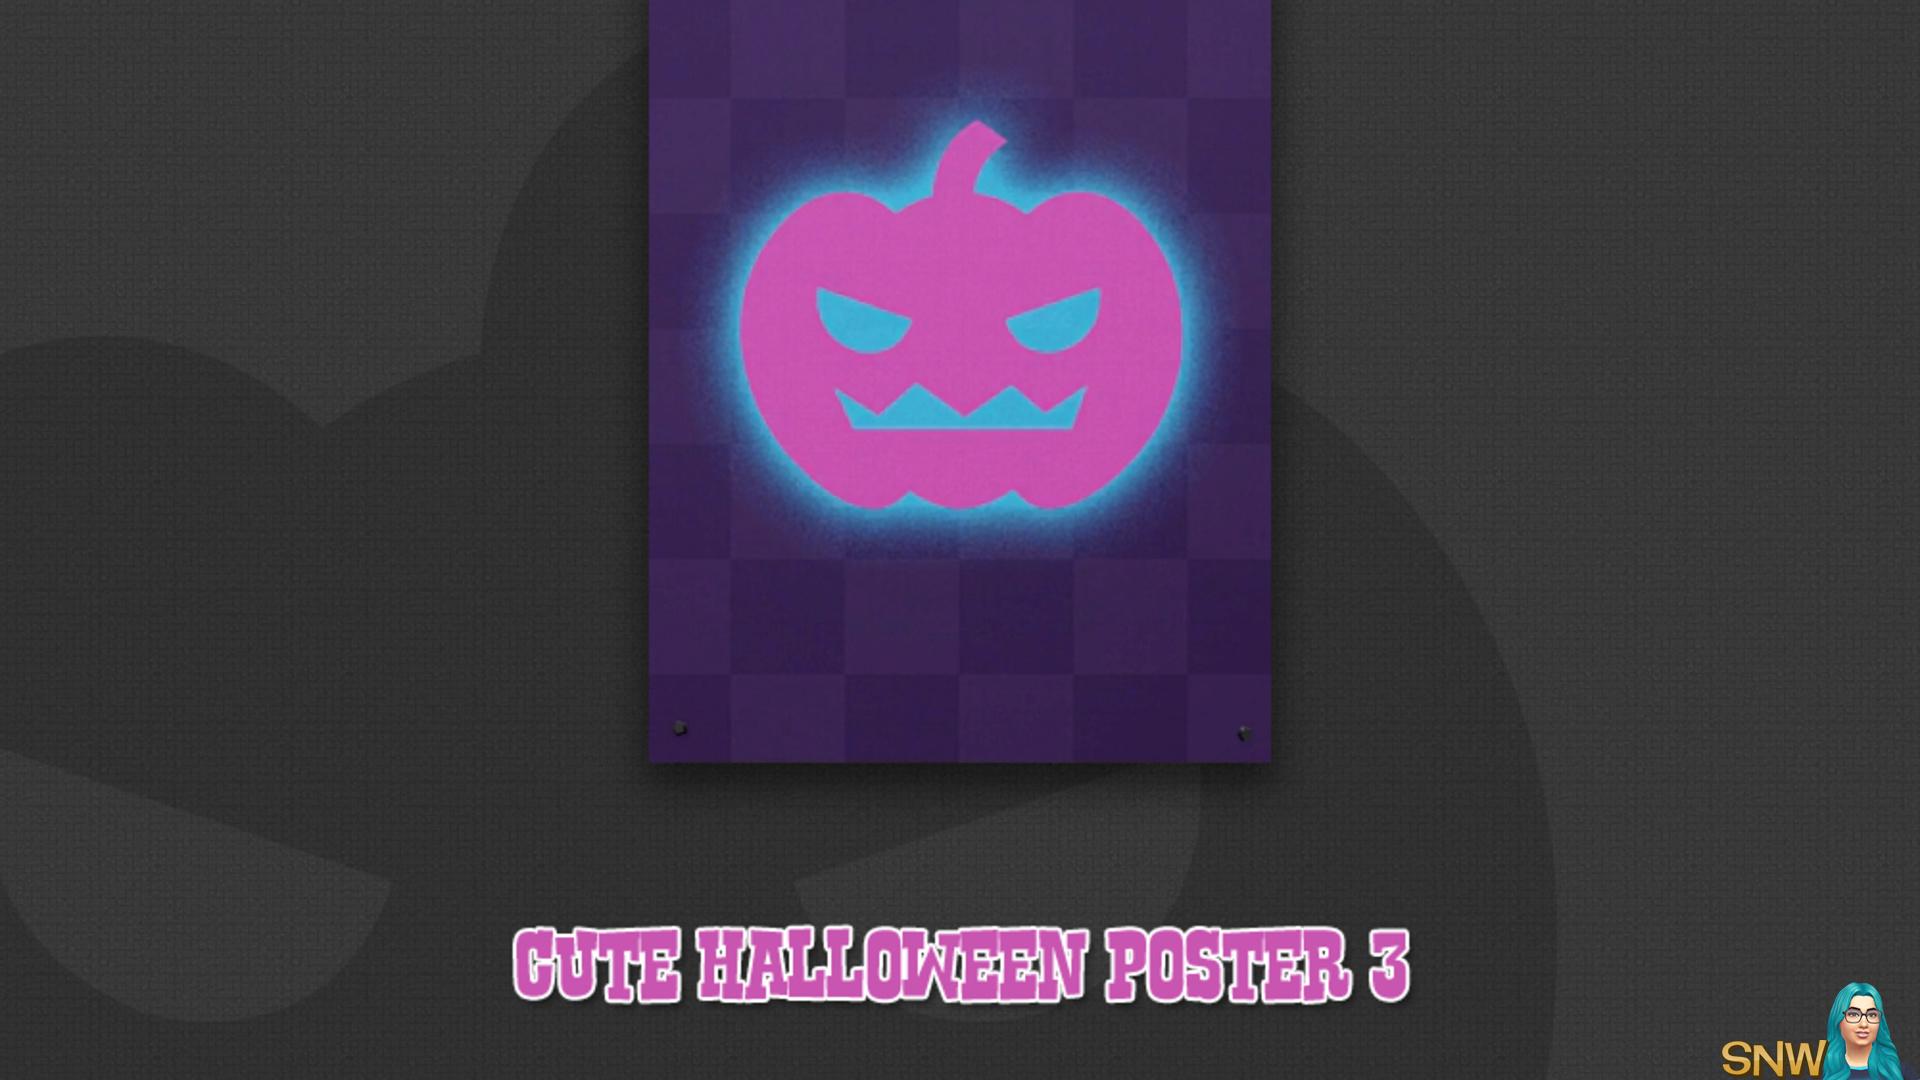 Cute Halloween poster #3 (Pumpkin)